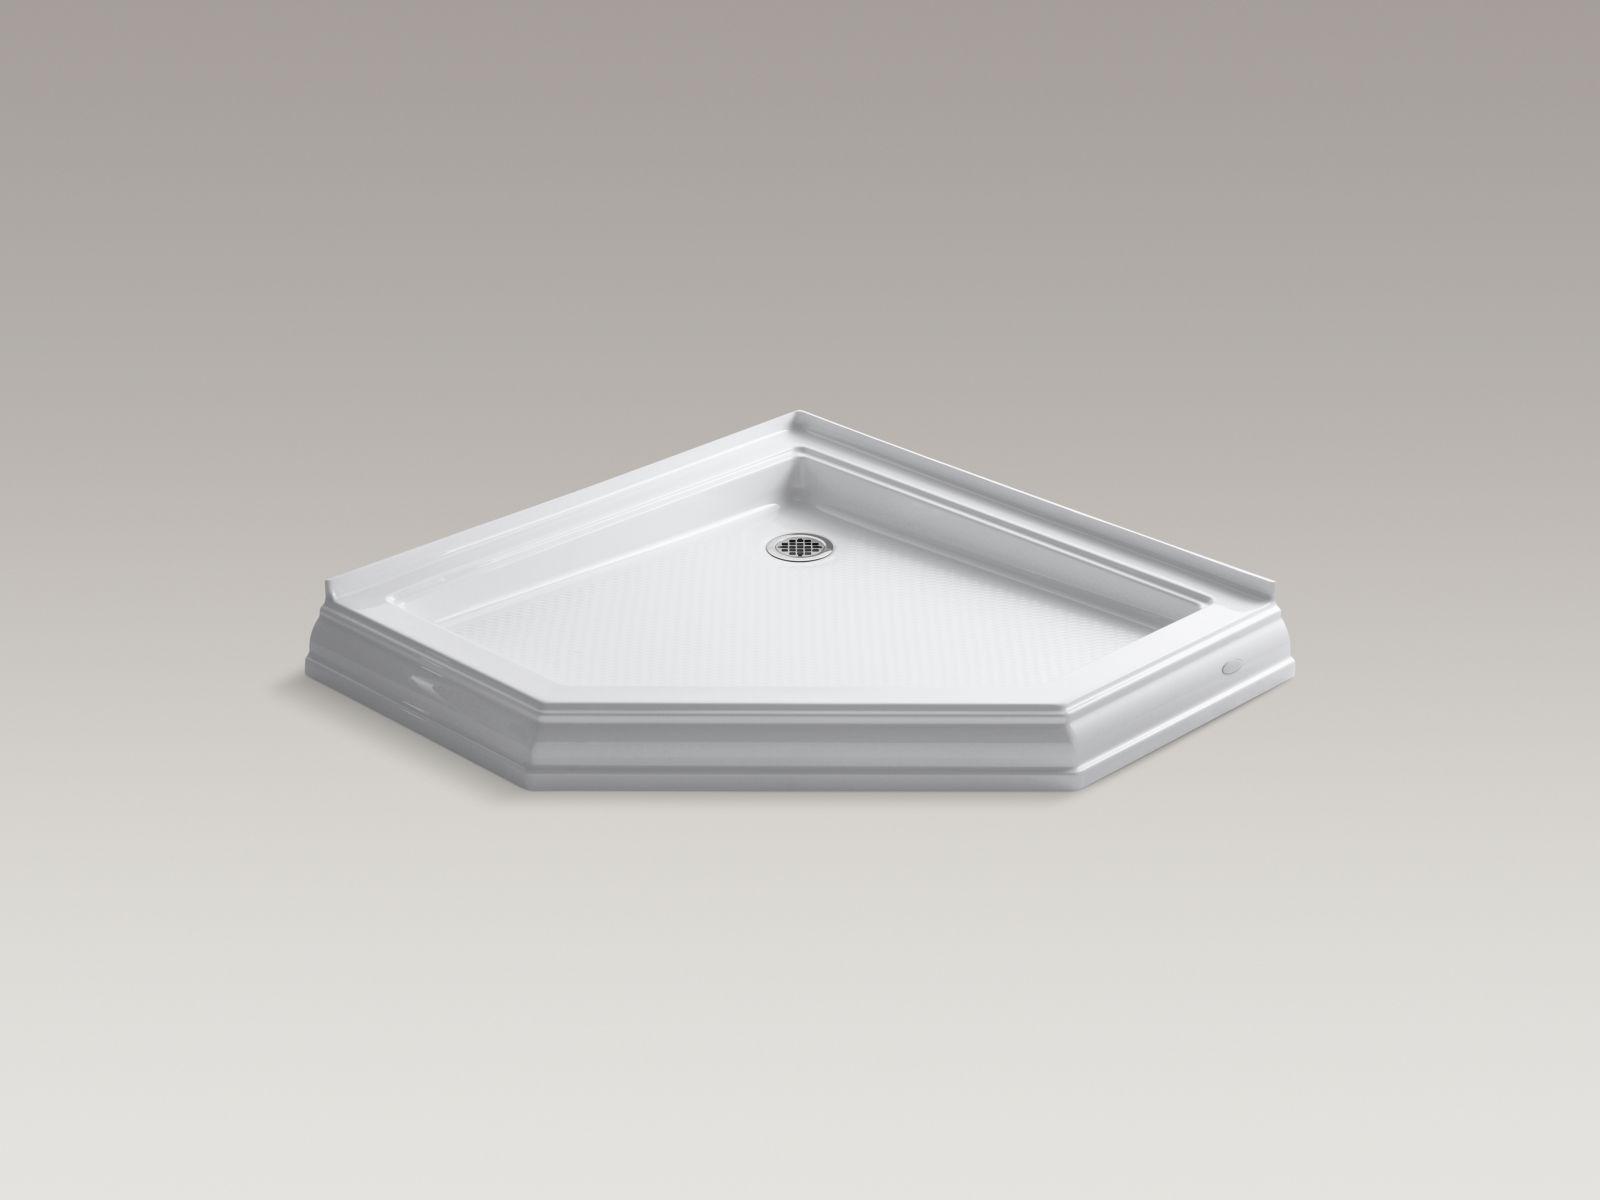 Kohler K-9542-0 Memoirs Neo-Angle Shower Receptor White